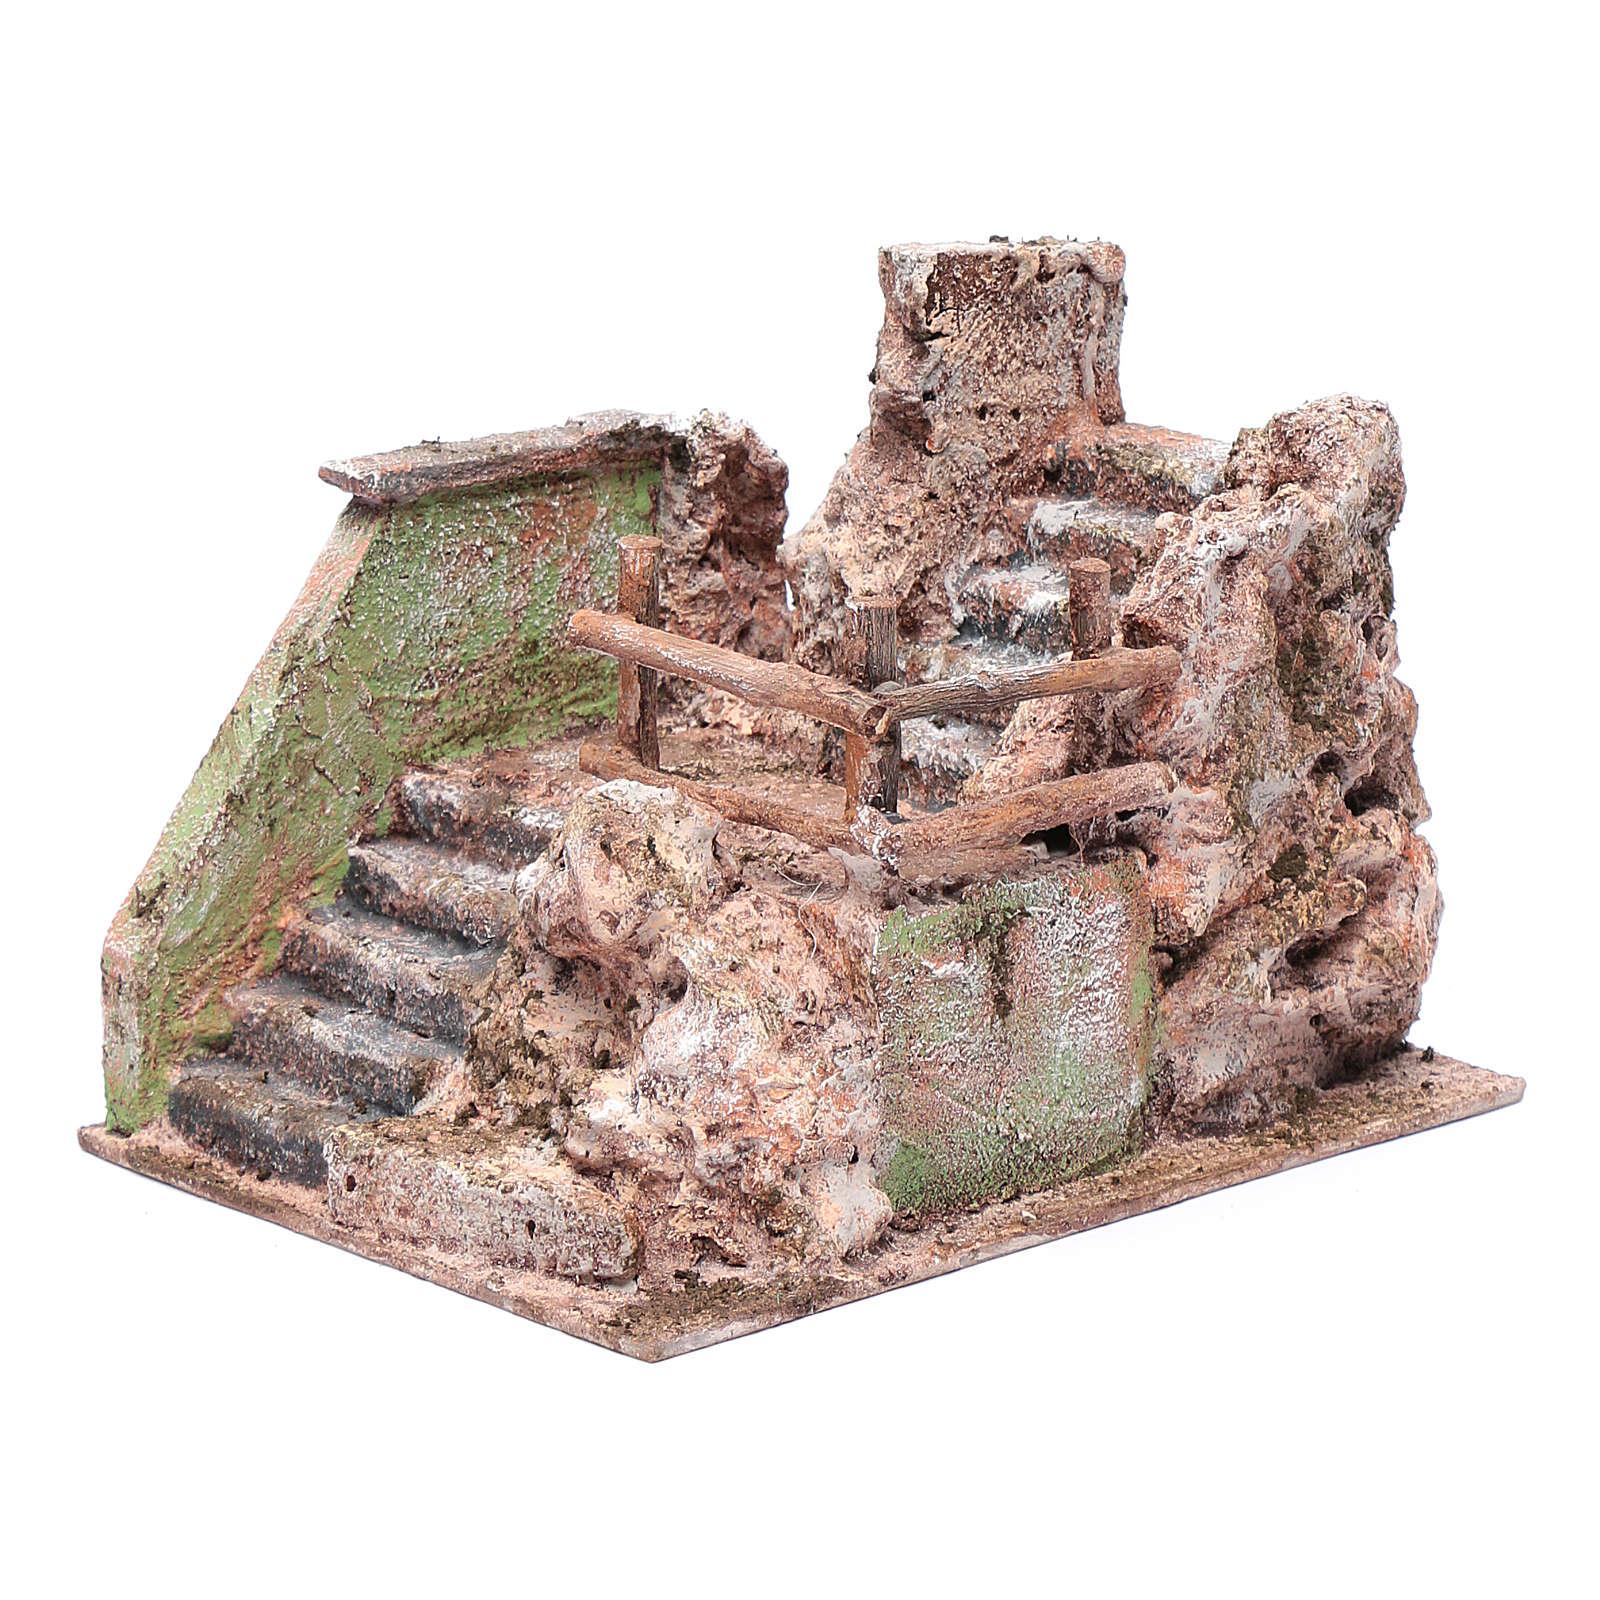 Escalier crèche en ruine 13x19x14 cm 4